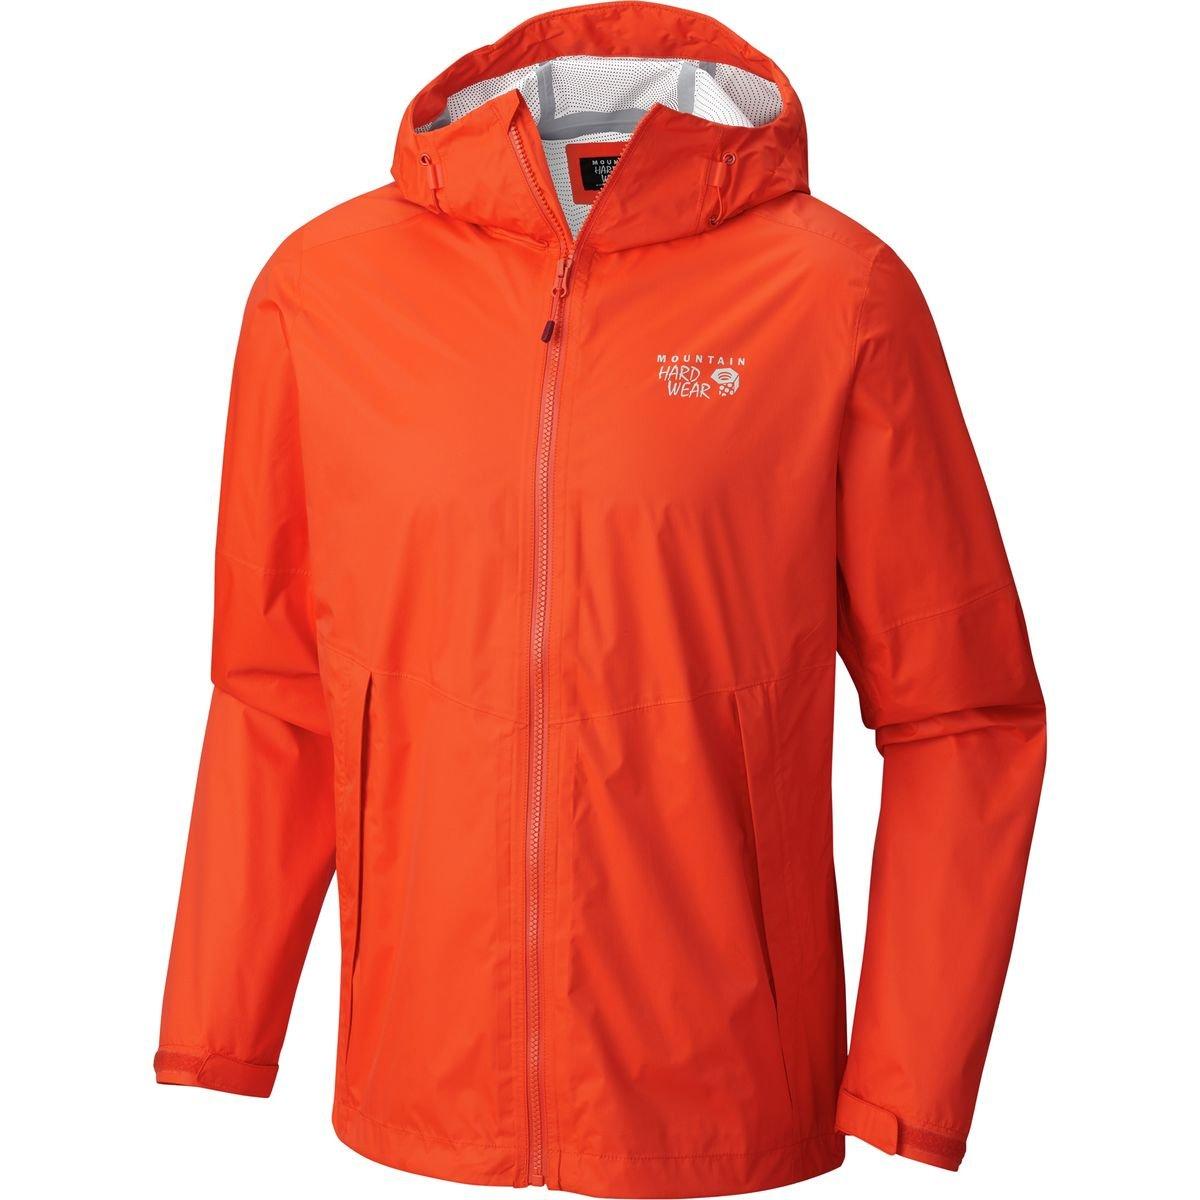 マウンテンハードウェア指数Jacket – Men 's B01GUI1JW8 Medium|ステートオレンジ ステートオレンジ Medium